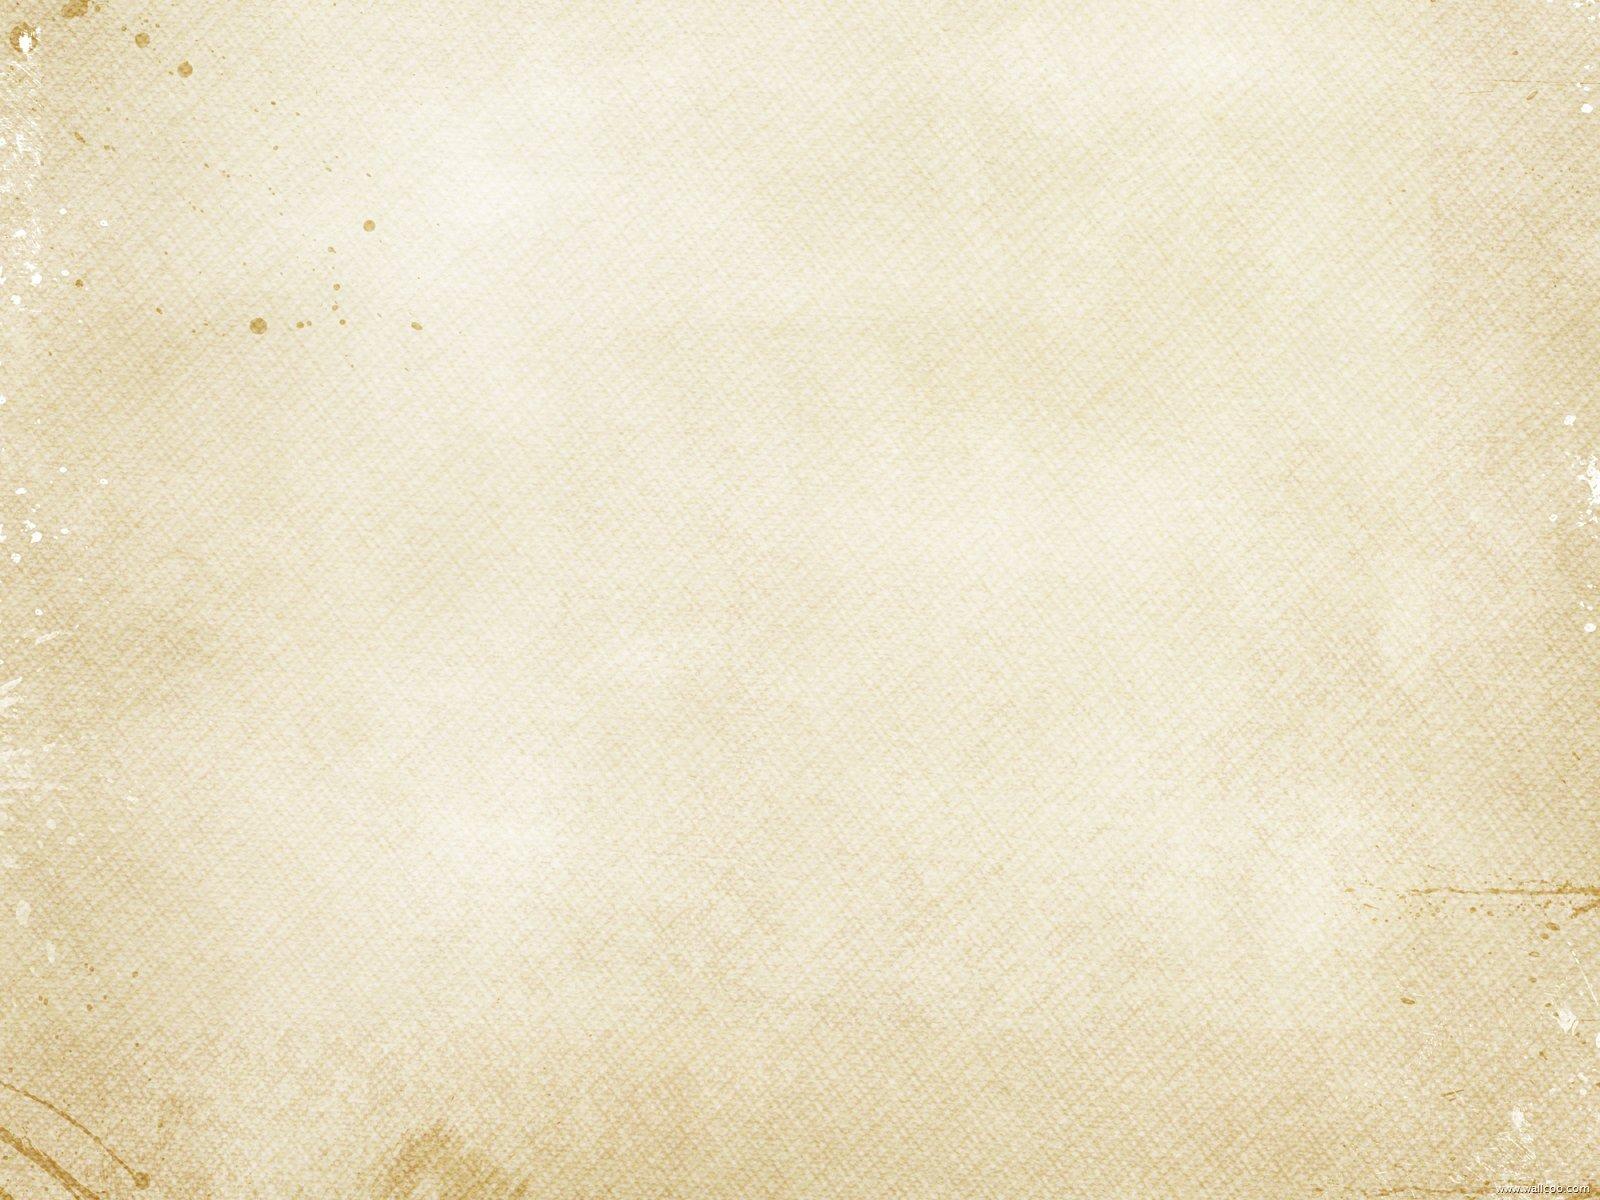 可爱的碎花背景高清图片素材专辑2(16p)[中国资源网